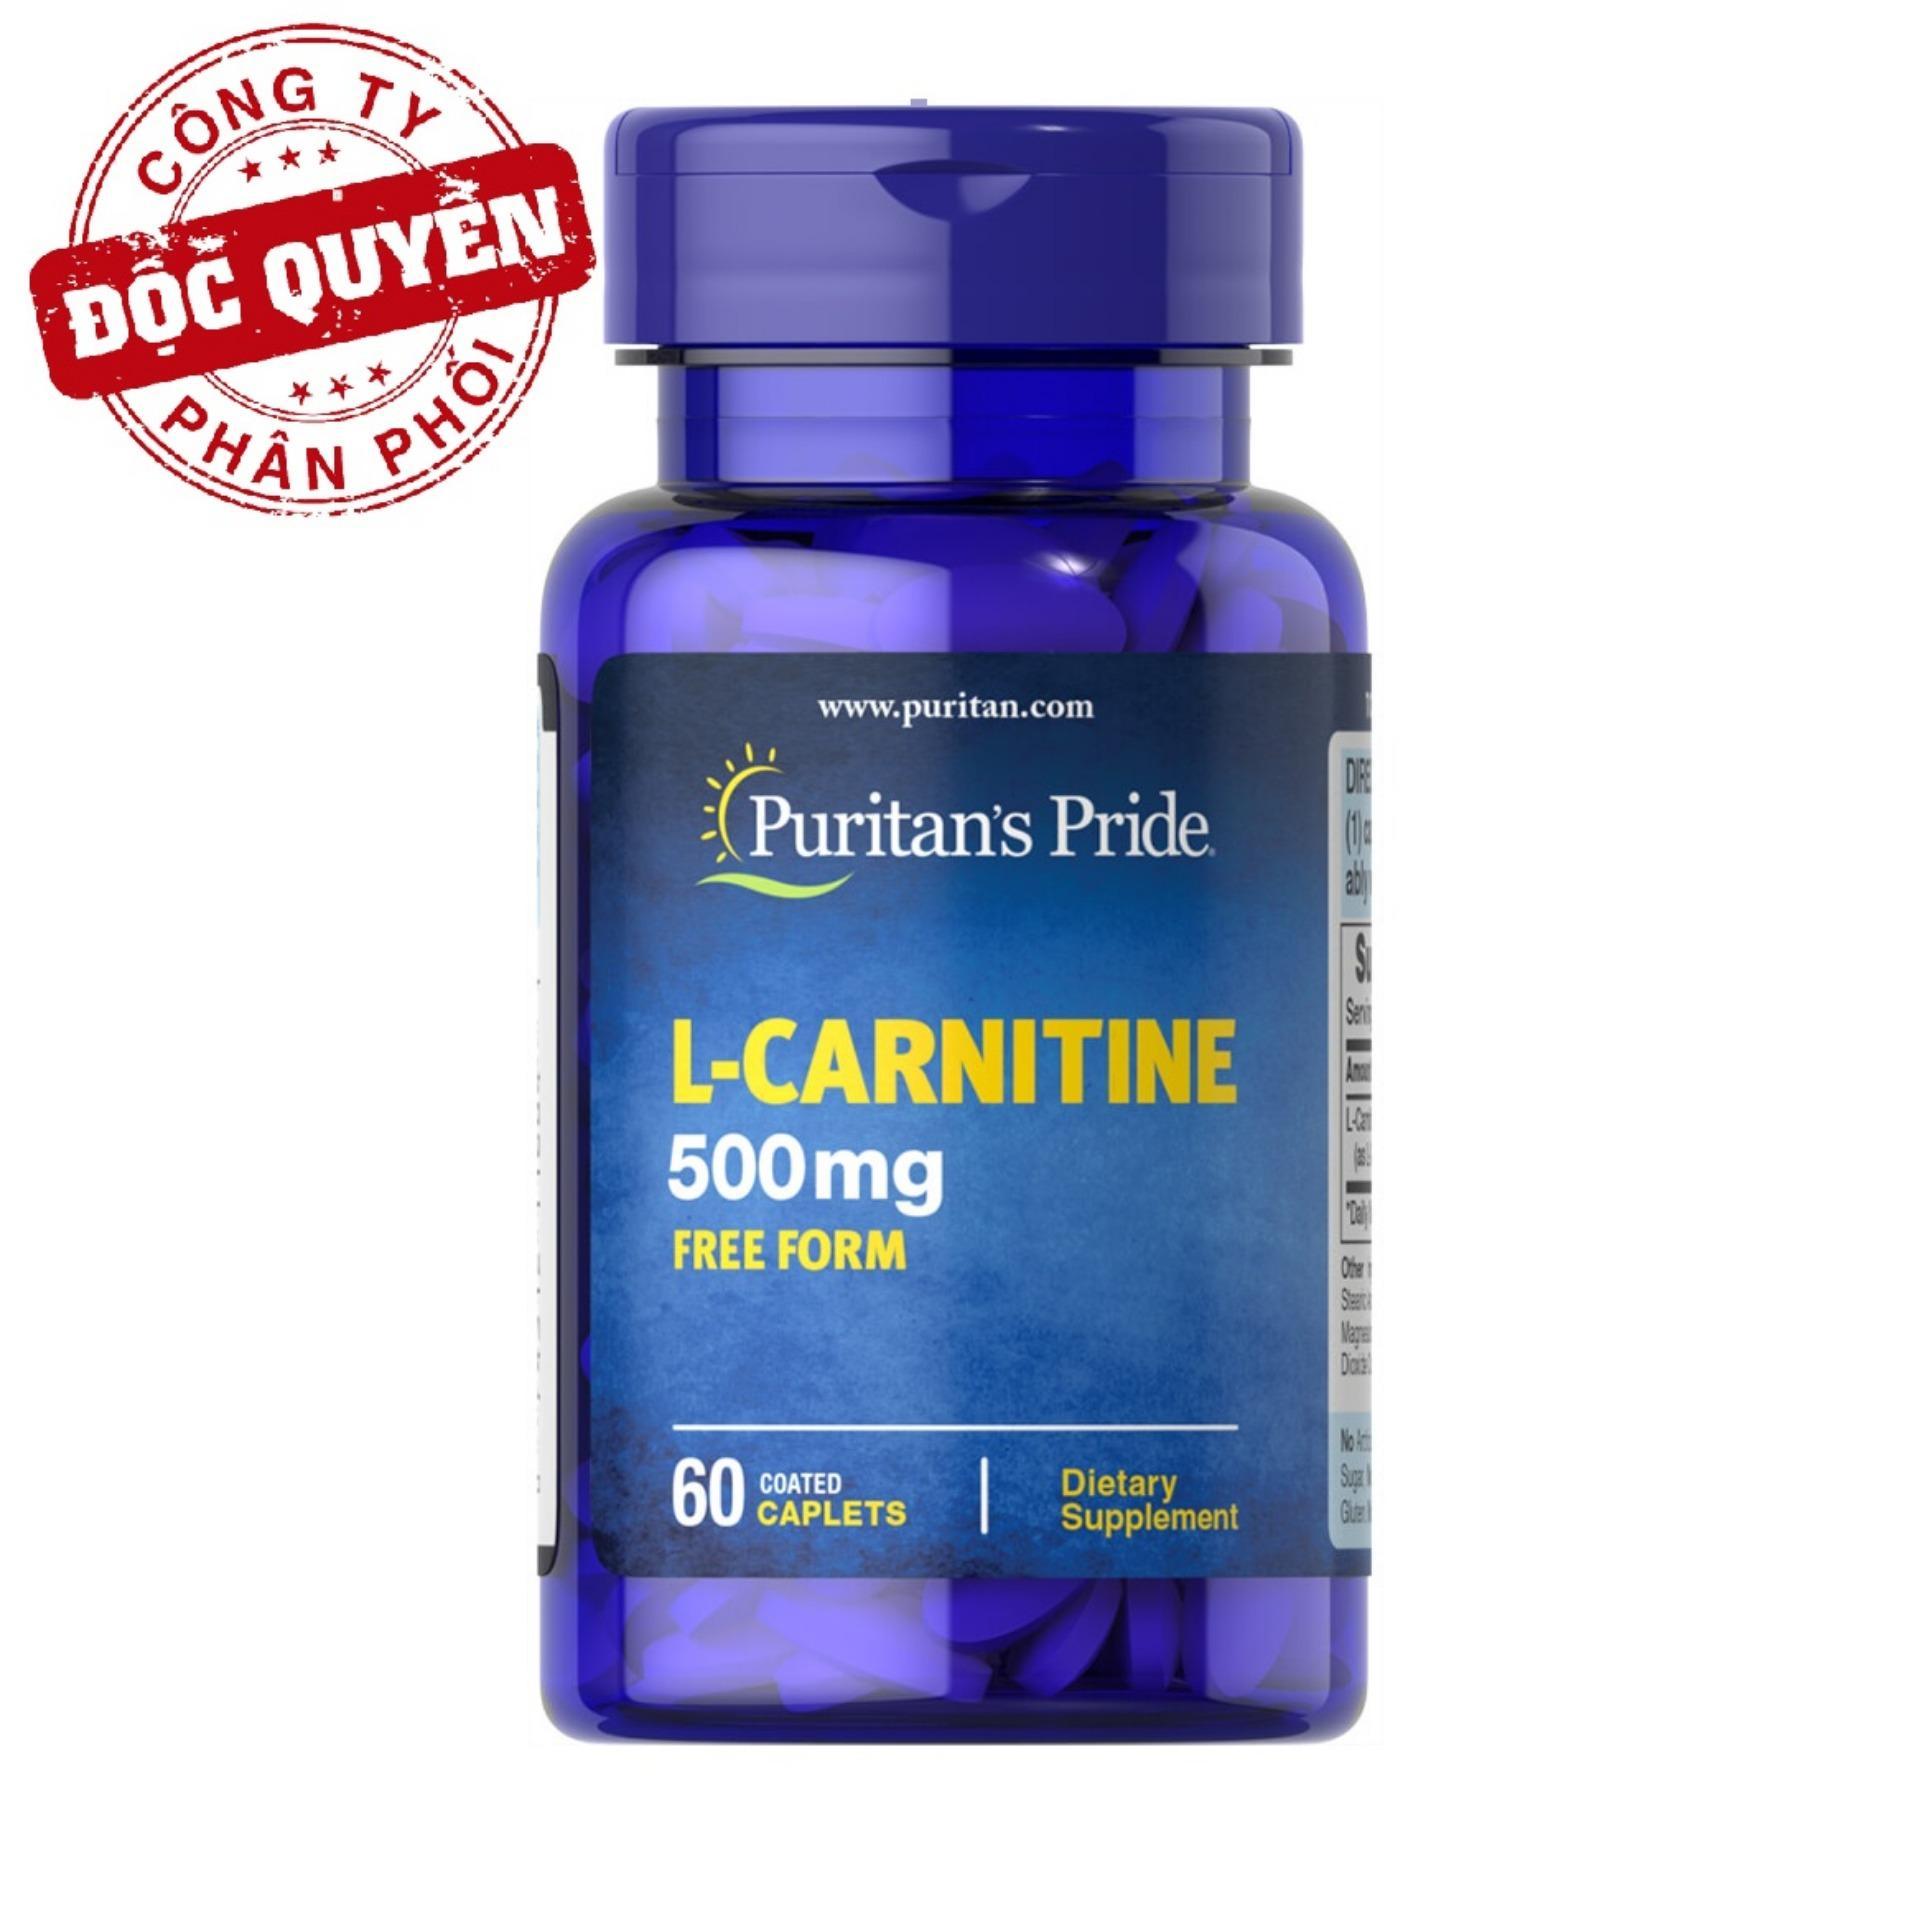 Hình ảnh Viên uống hỗ trợ giảm cân không tác dụng phụ, giúp cơ thể săn gọn, hỗ trợ chức năng thận Puritan's Pride L-Carnitine 500mg 60 viên HSD tháng 9/2018